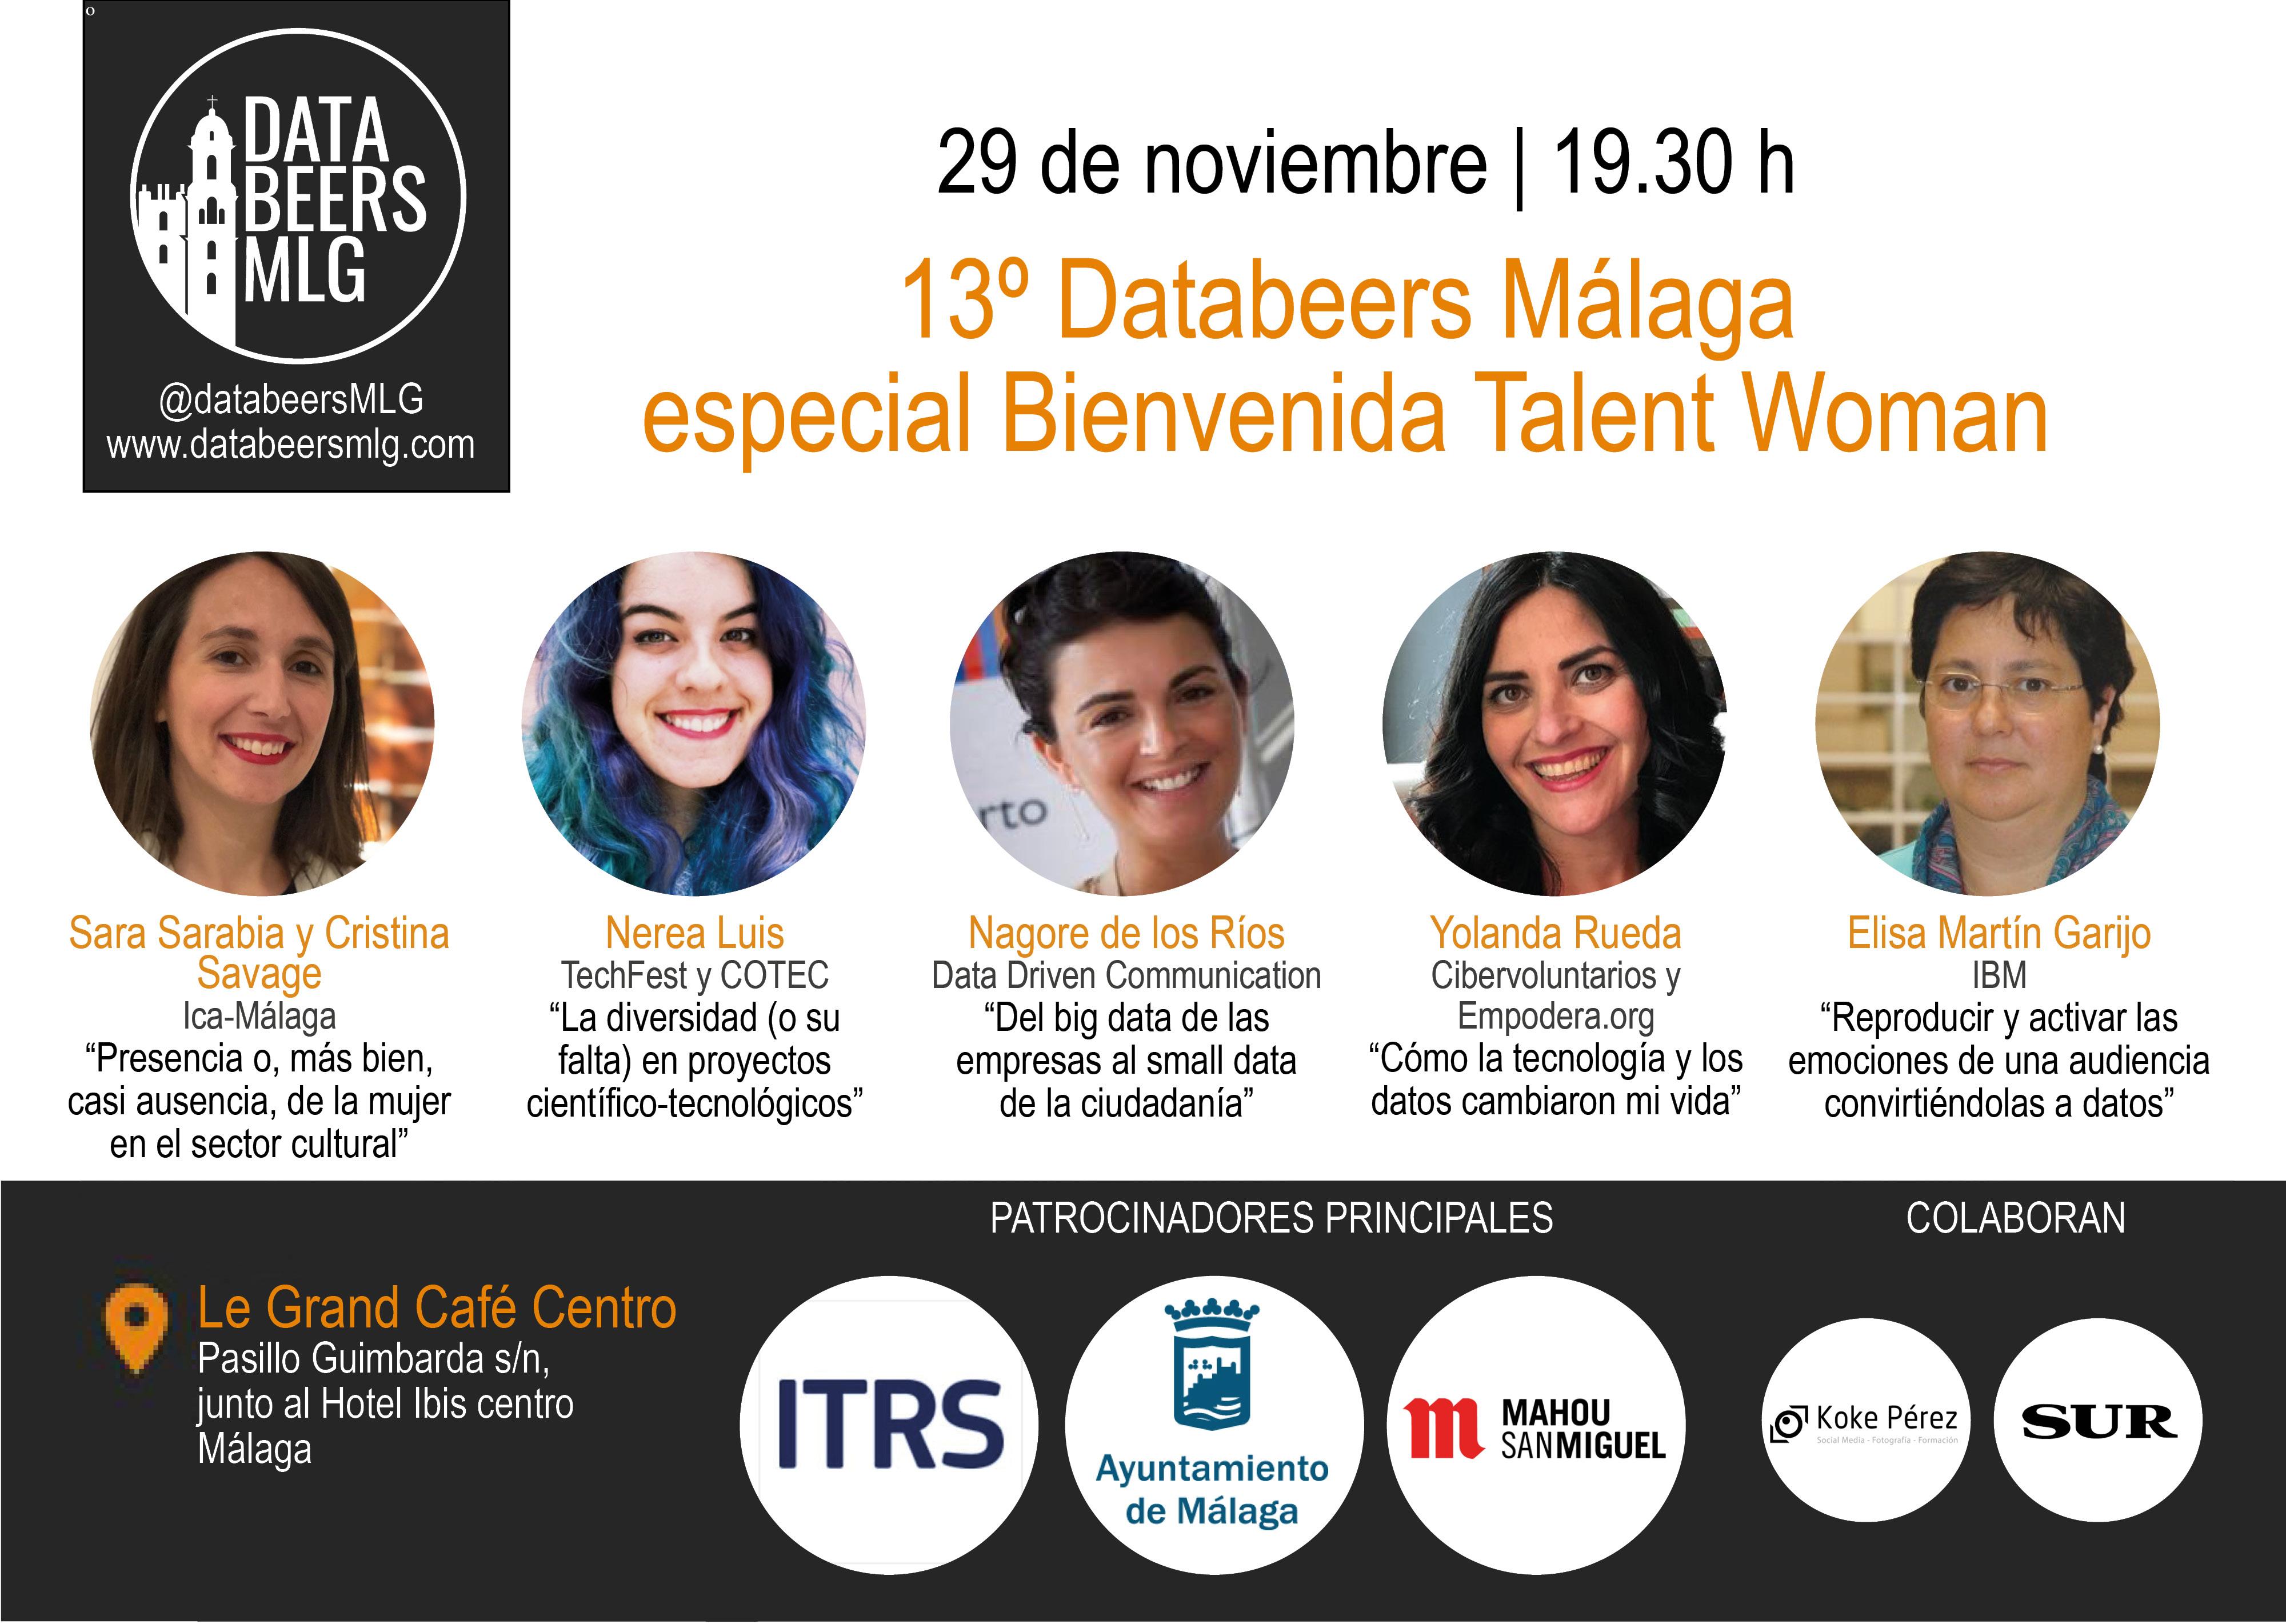 ¡Un especial bienvenida Talent Woman de Databeers Málaga, con cinco mujeres cracks como ponentes, el 29 nov! ¿Os lo vais a perder?